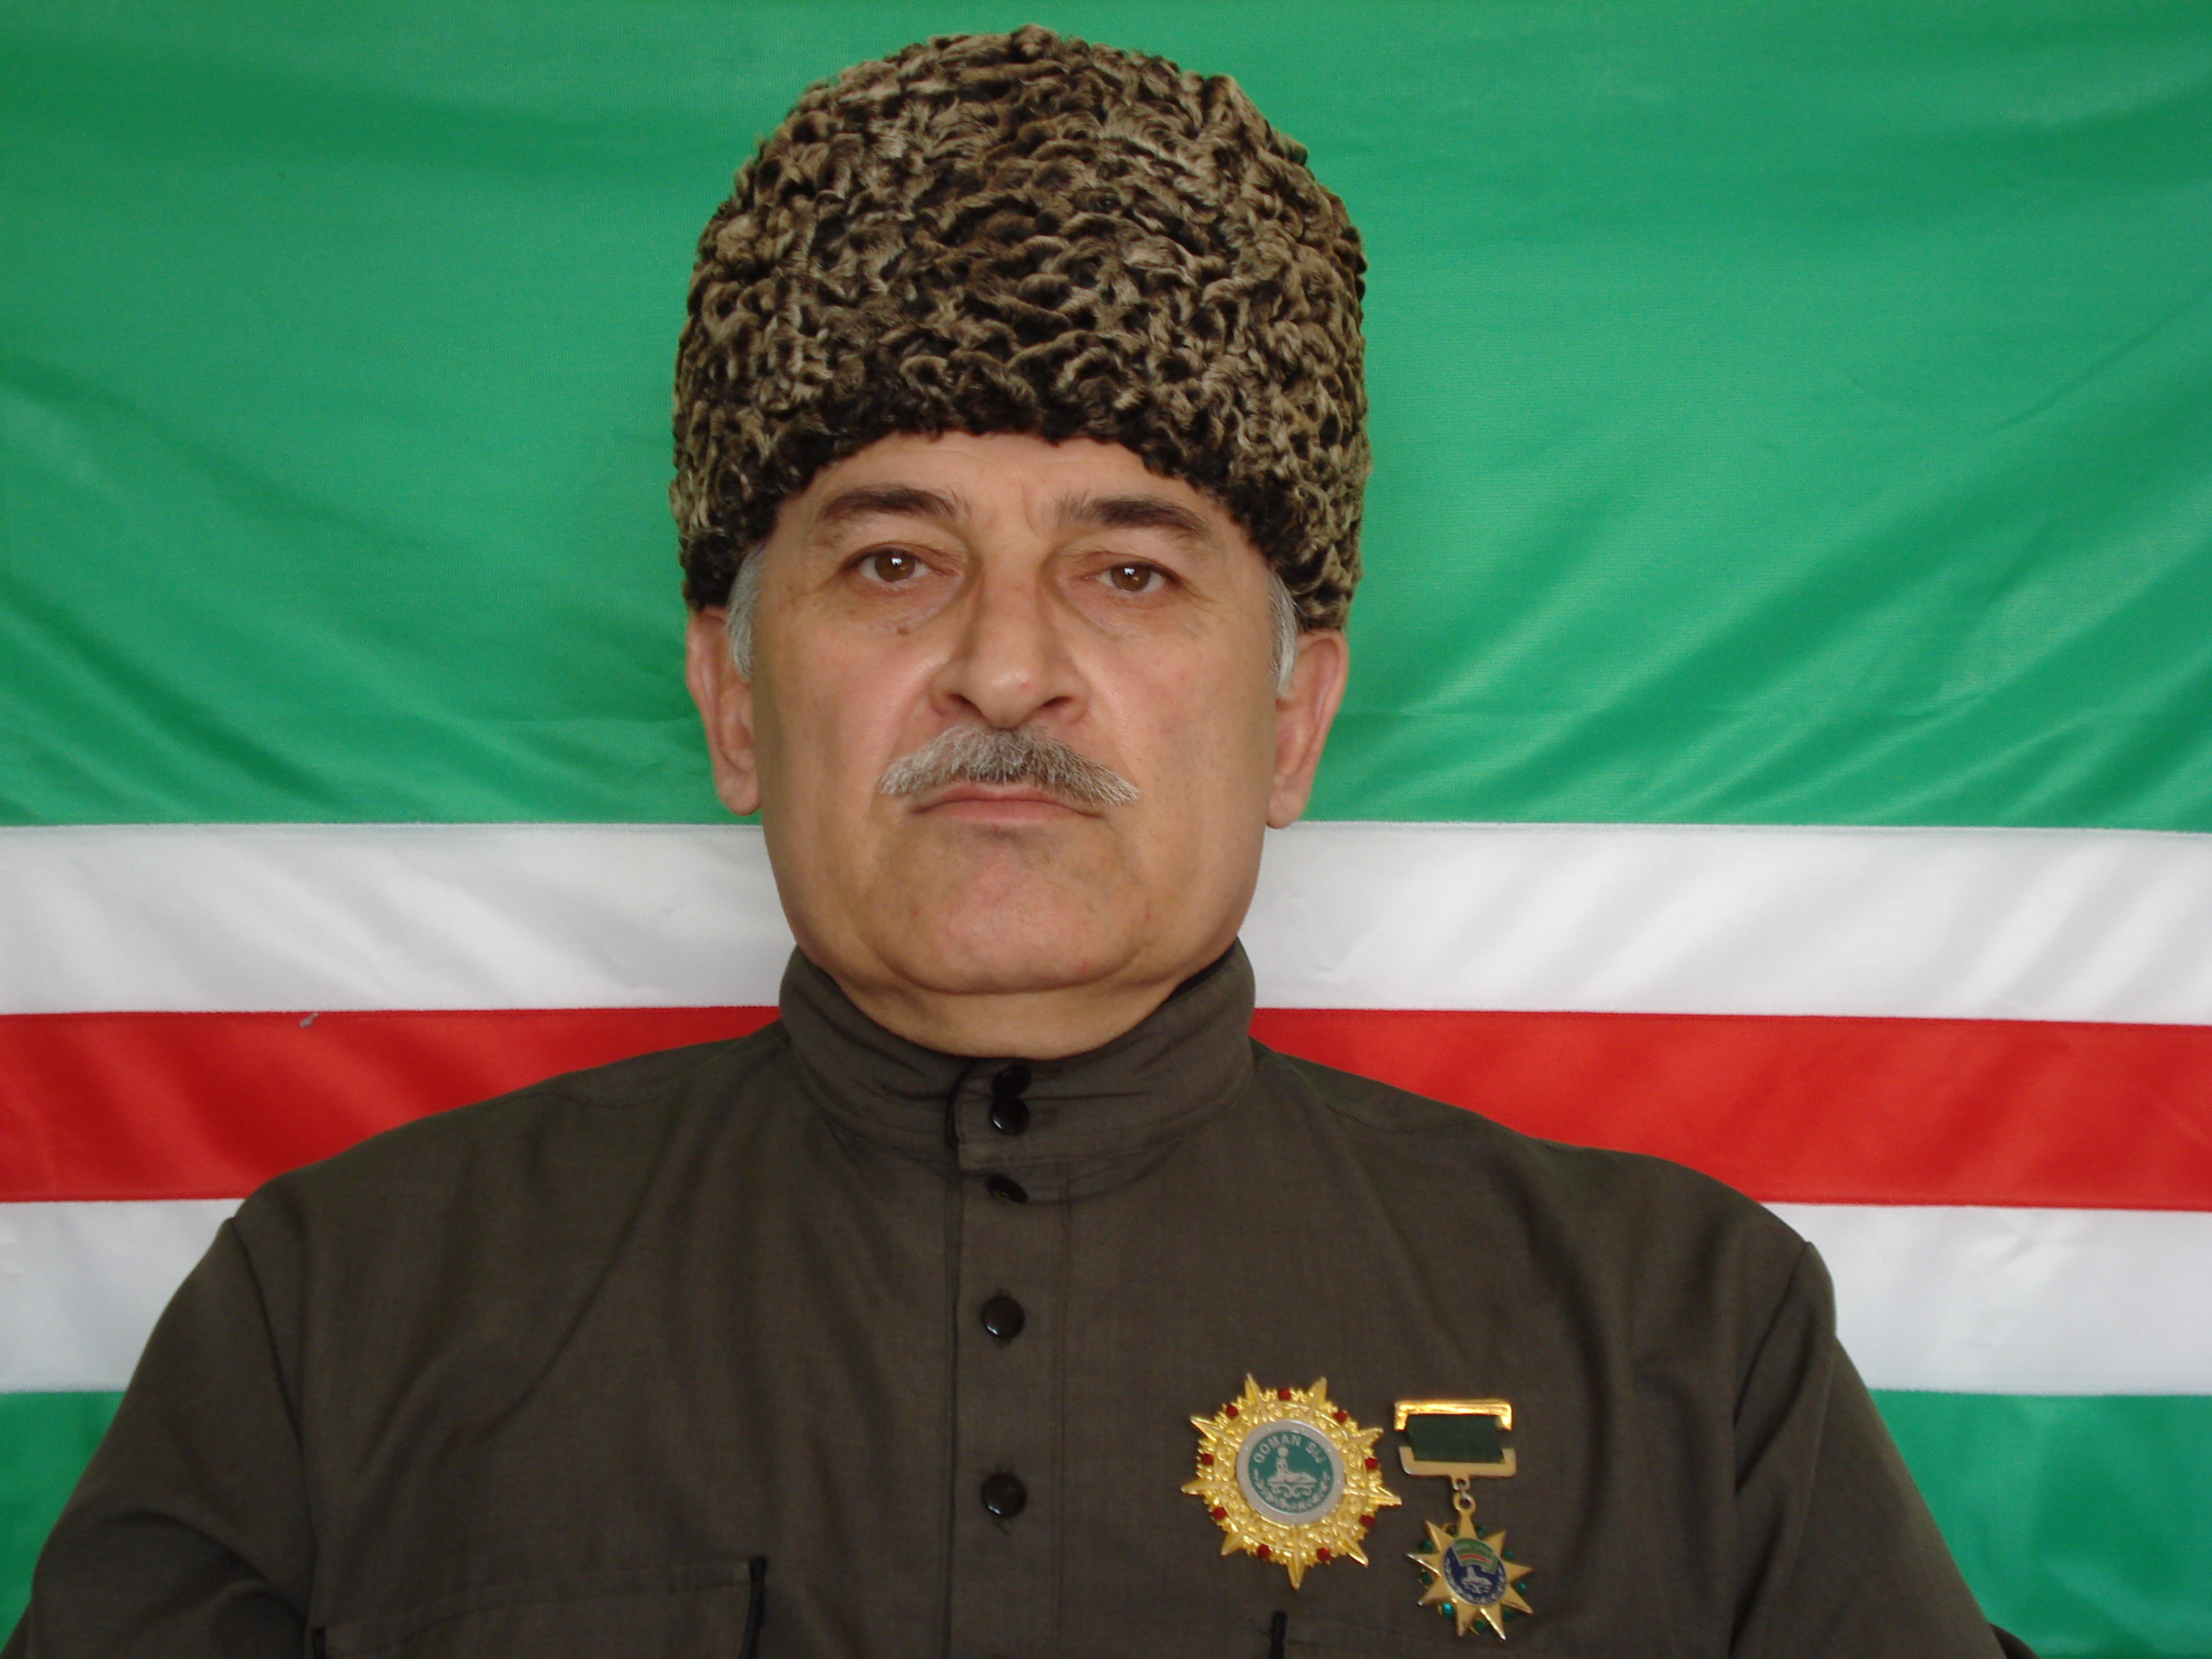 Suleyman (khamzat) Fclambekov